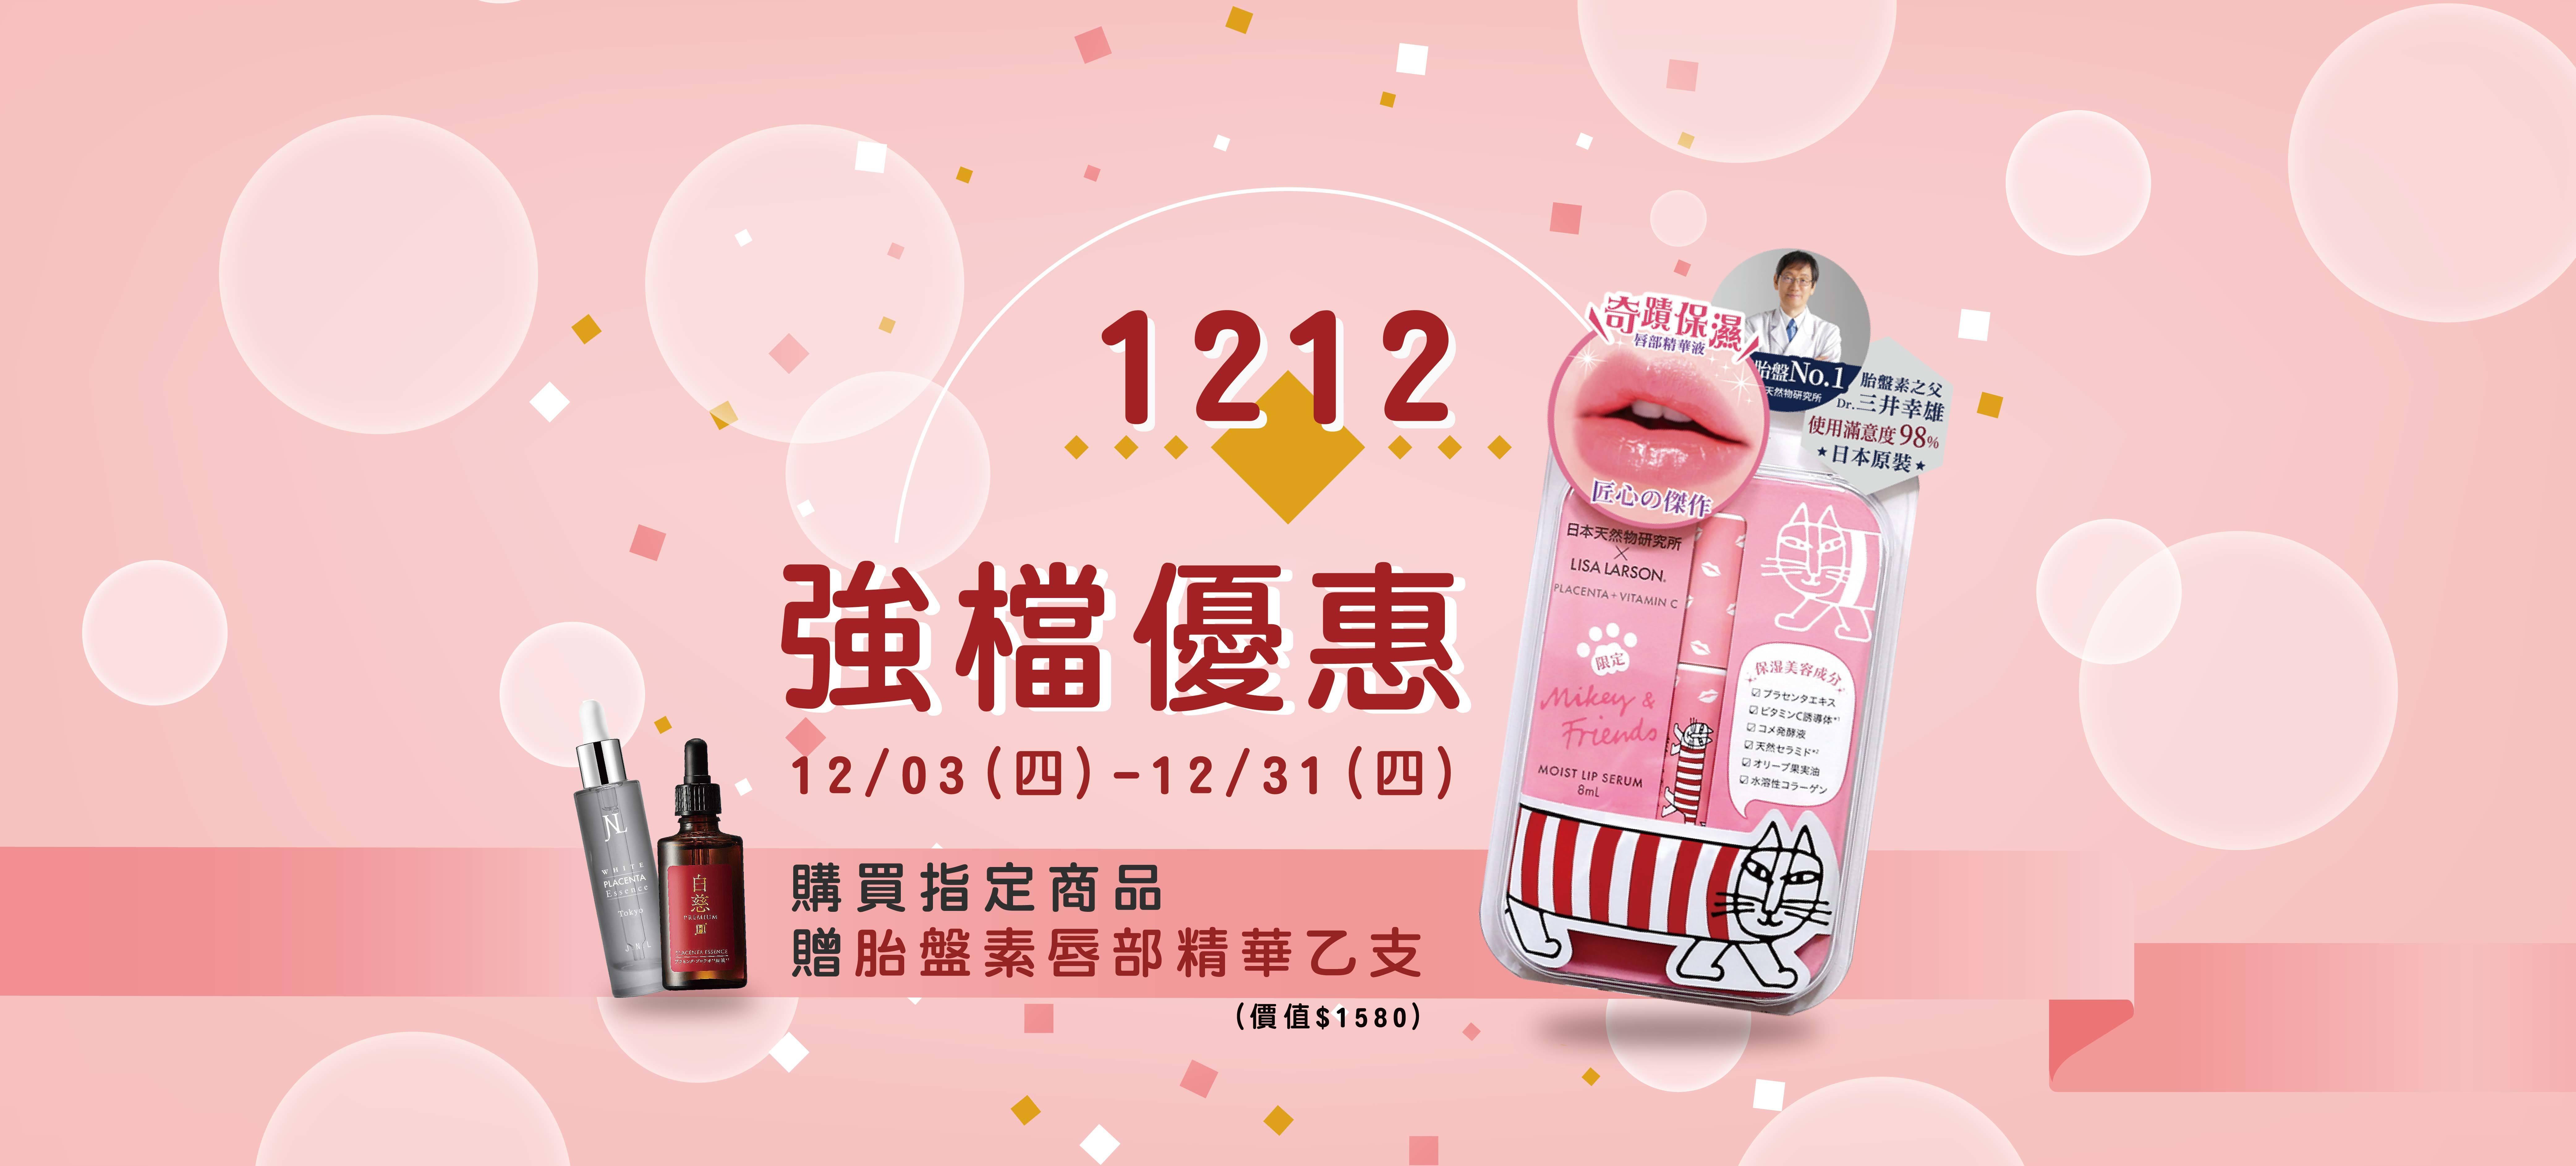 雙12優惠,日本天然物研究所,指定商品贈胎盤素唇部精華液